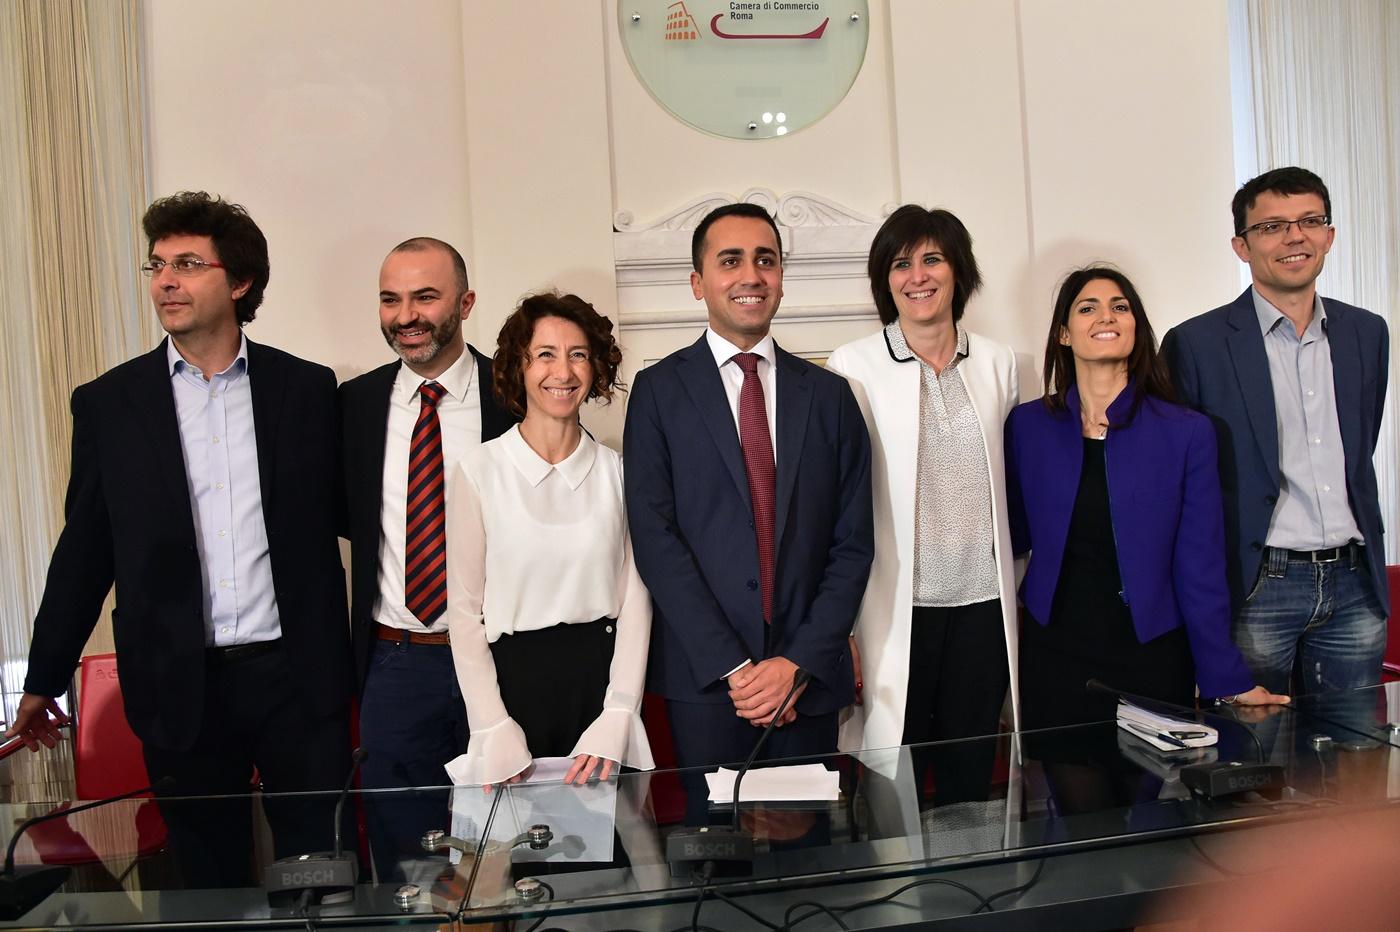 Matteo Brambilla, Max Bugani, Antonietta Martinez, Virginia Raggi, Chiara Appendino e Paolo Menis